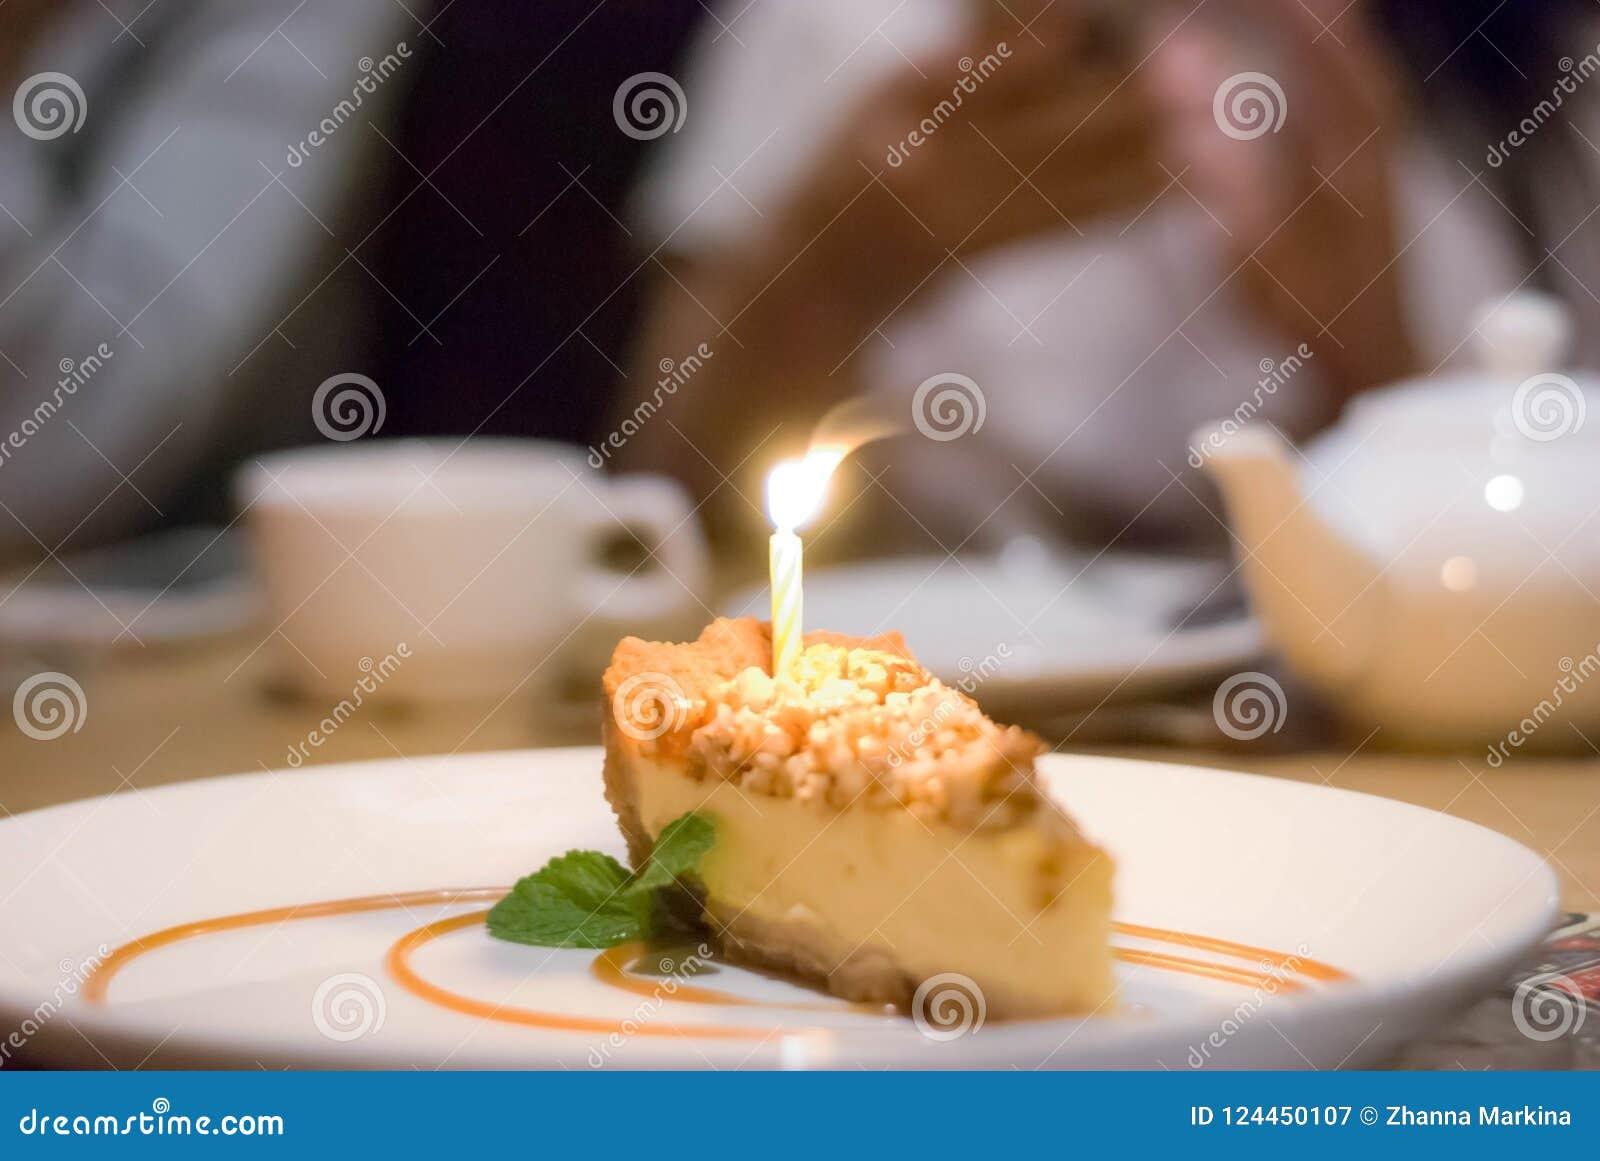 Una rebanada de pastel de queso con una vela ardiente para un cumpleaños